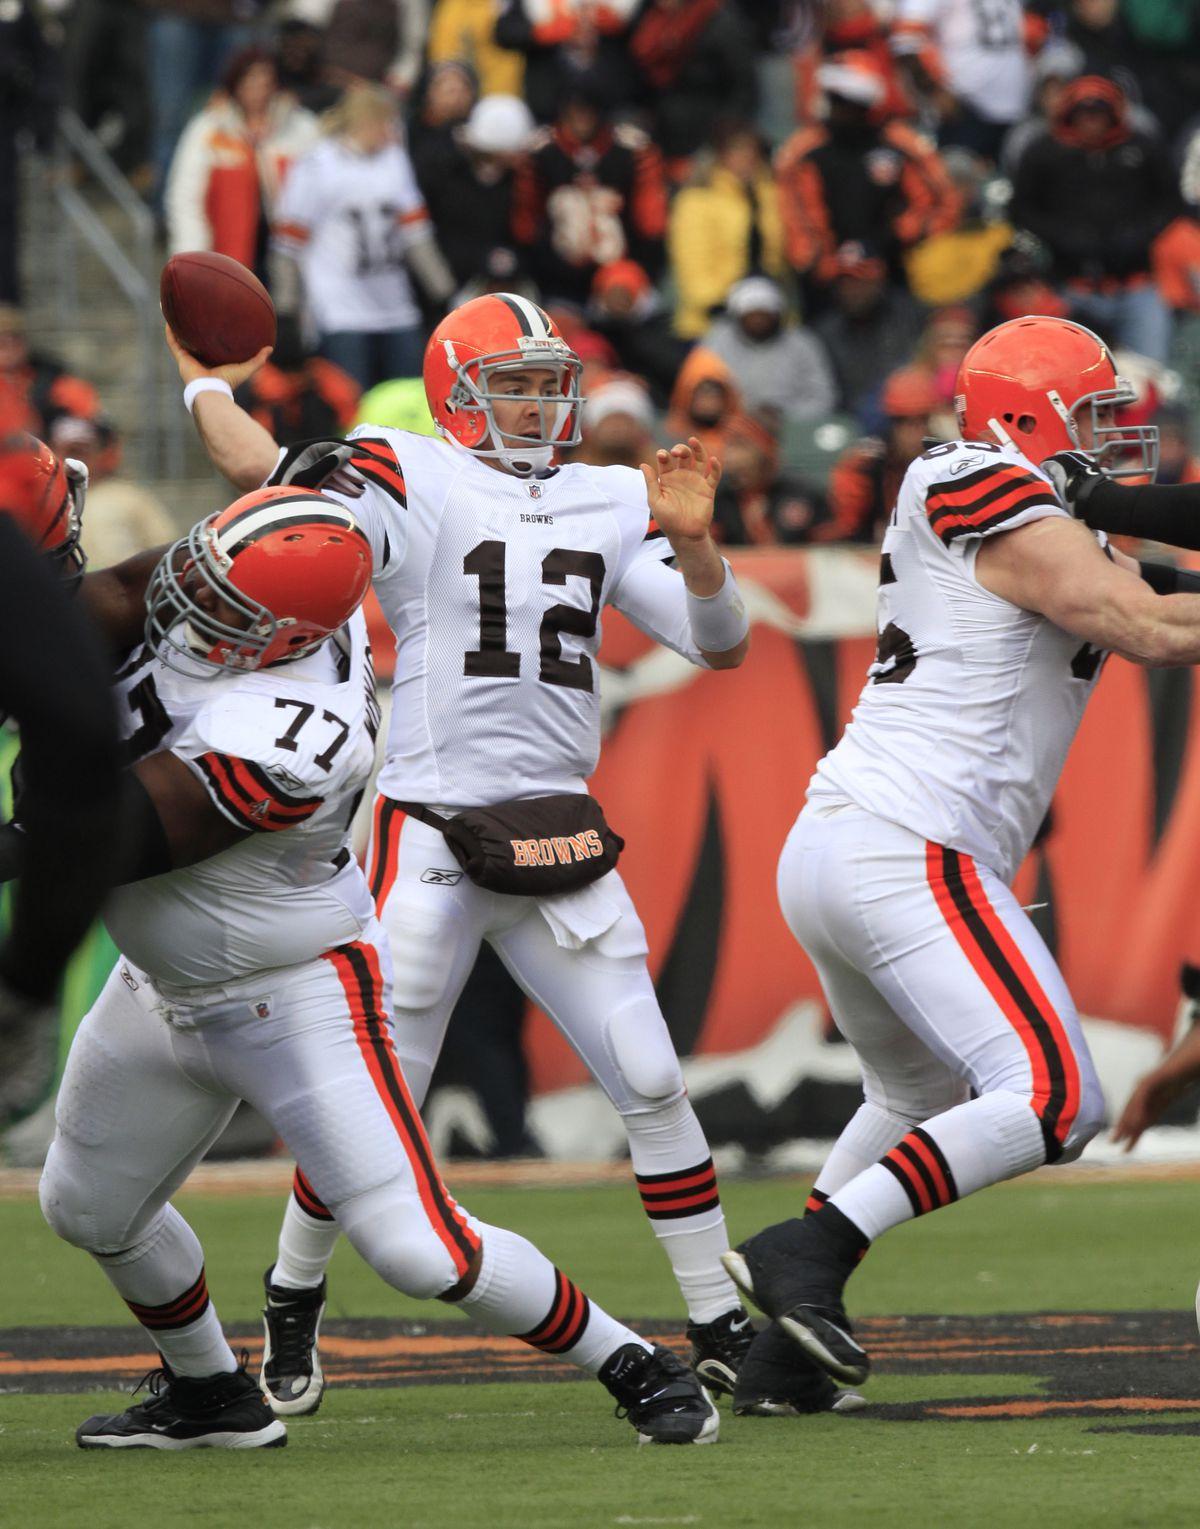 NFL: DEC 19 Browns at Bengals